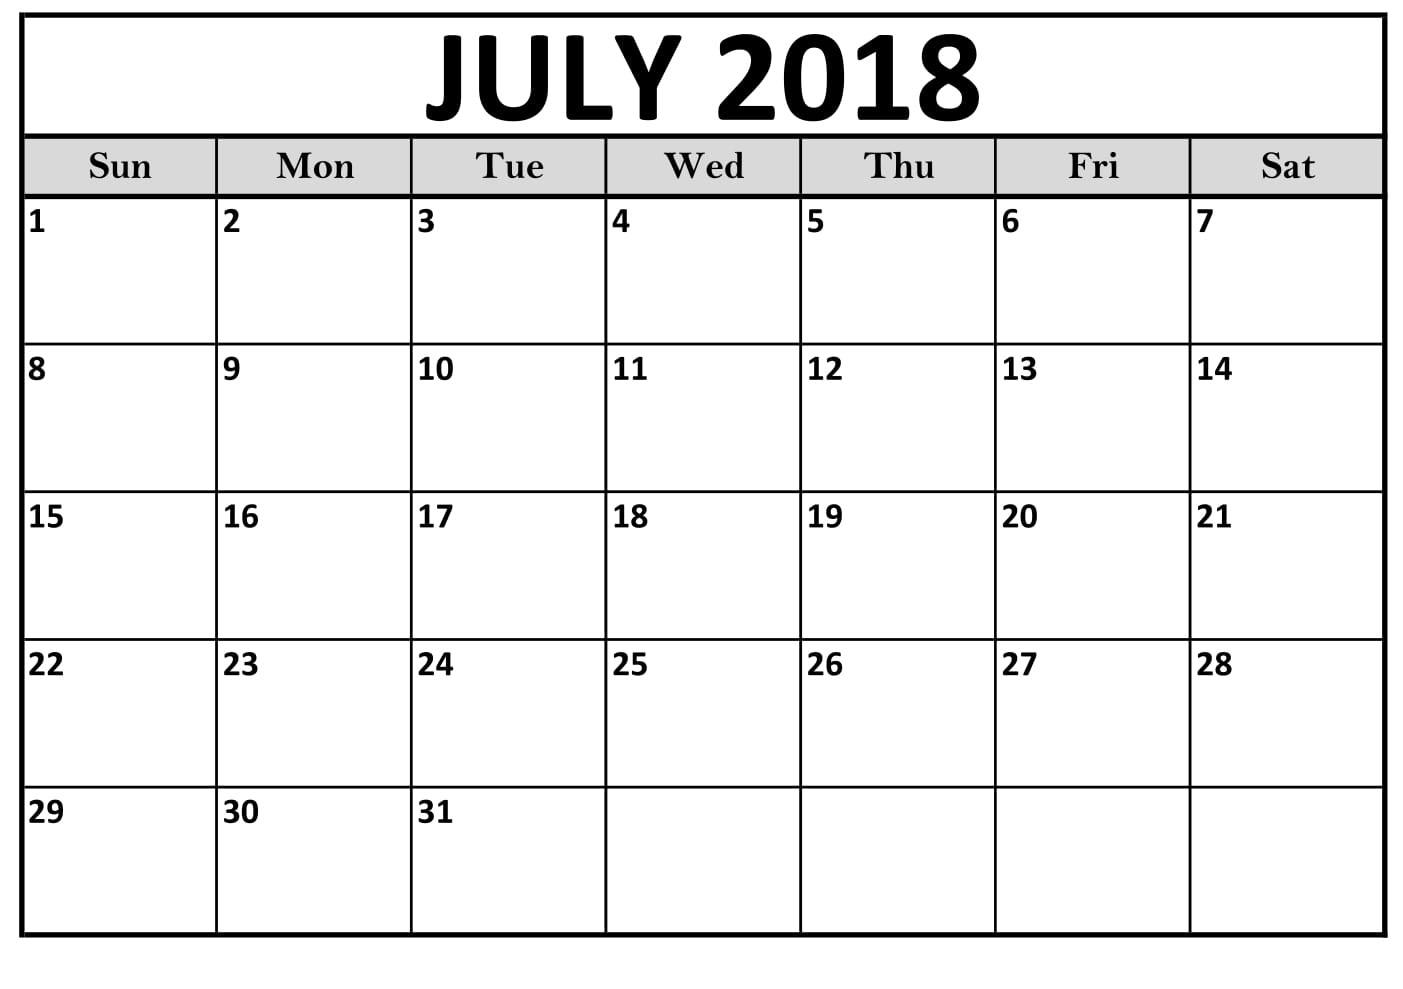 July 2018 Calendar Psd